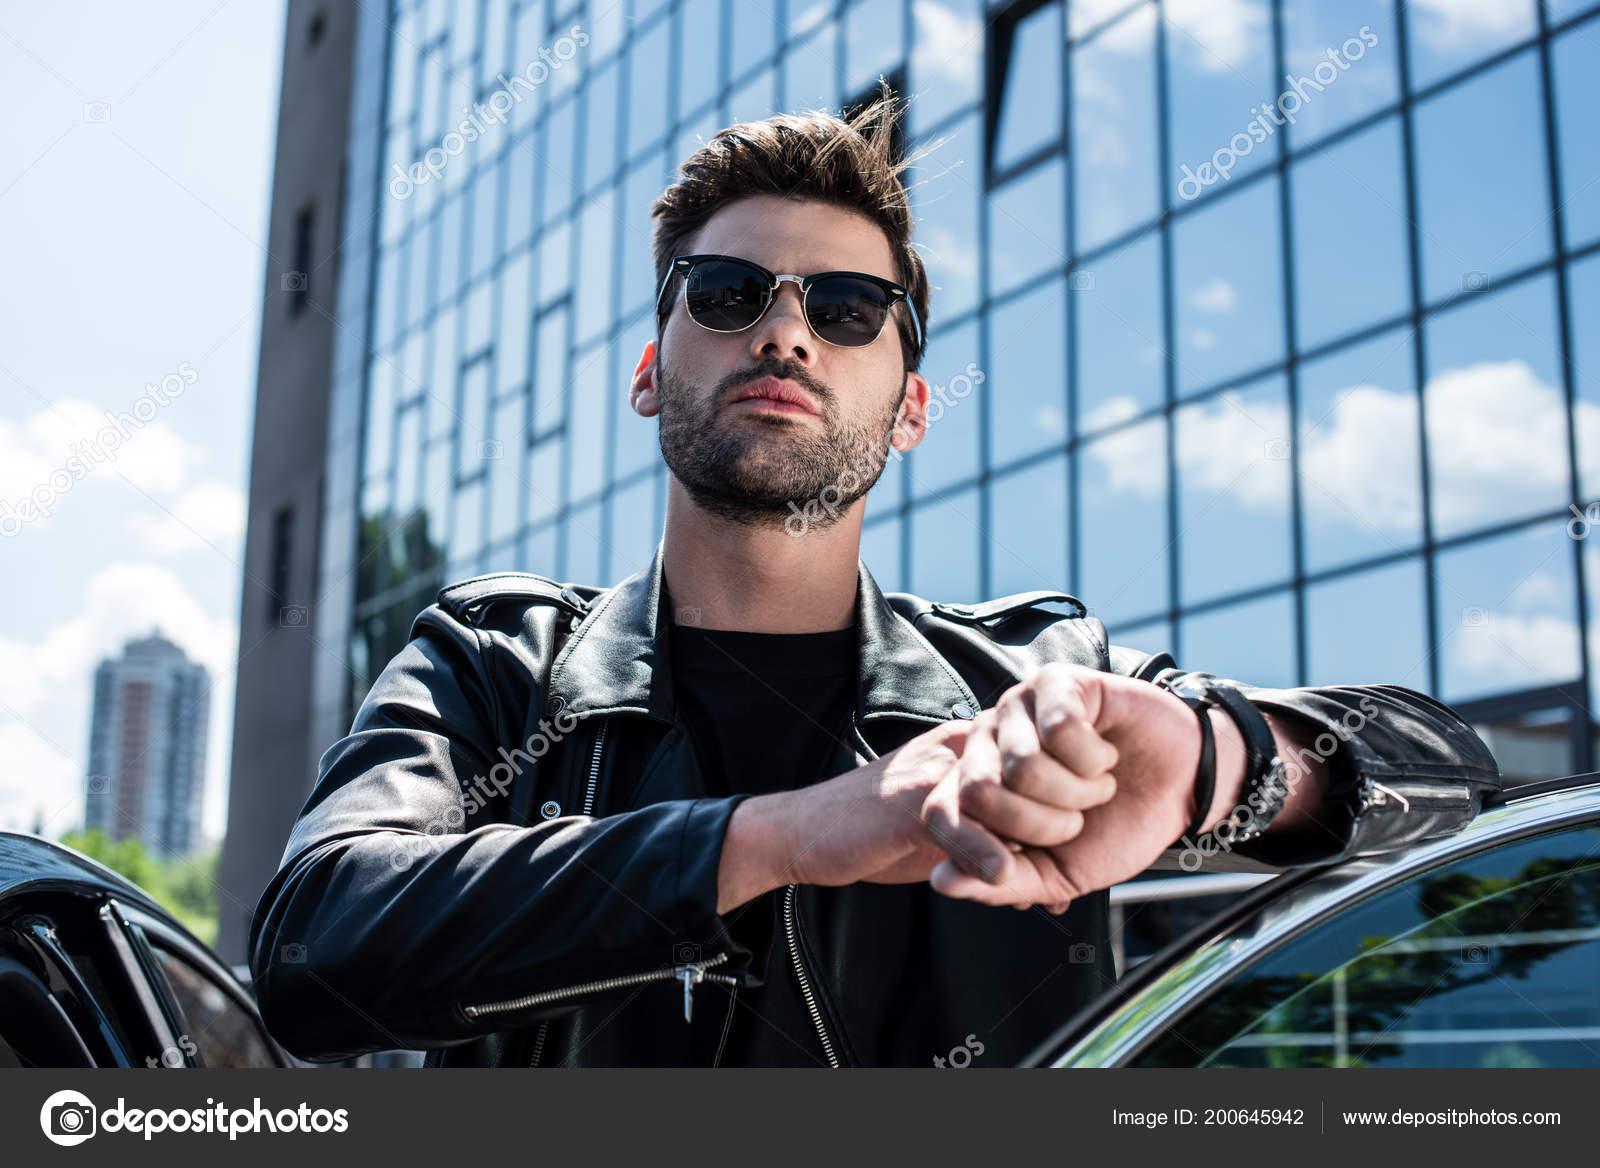 Vista Ângulo Baixo Homem Estiloso Jaqueta Couro Óculos Sol Tocando —  Fotografia de Stock fda468a81e